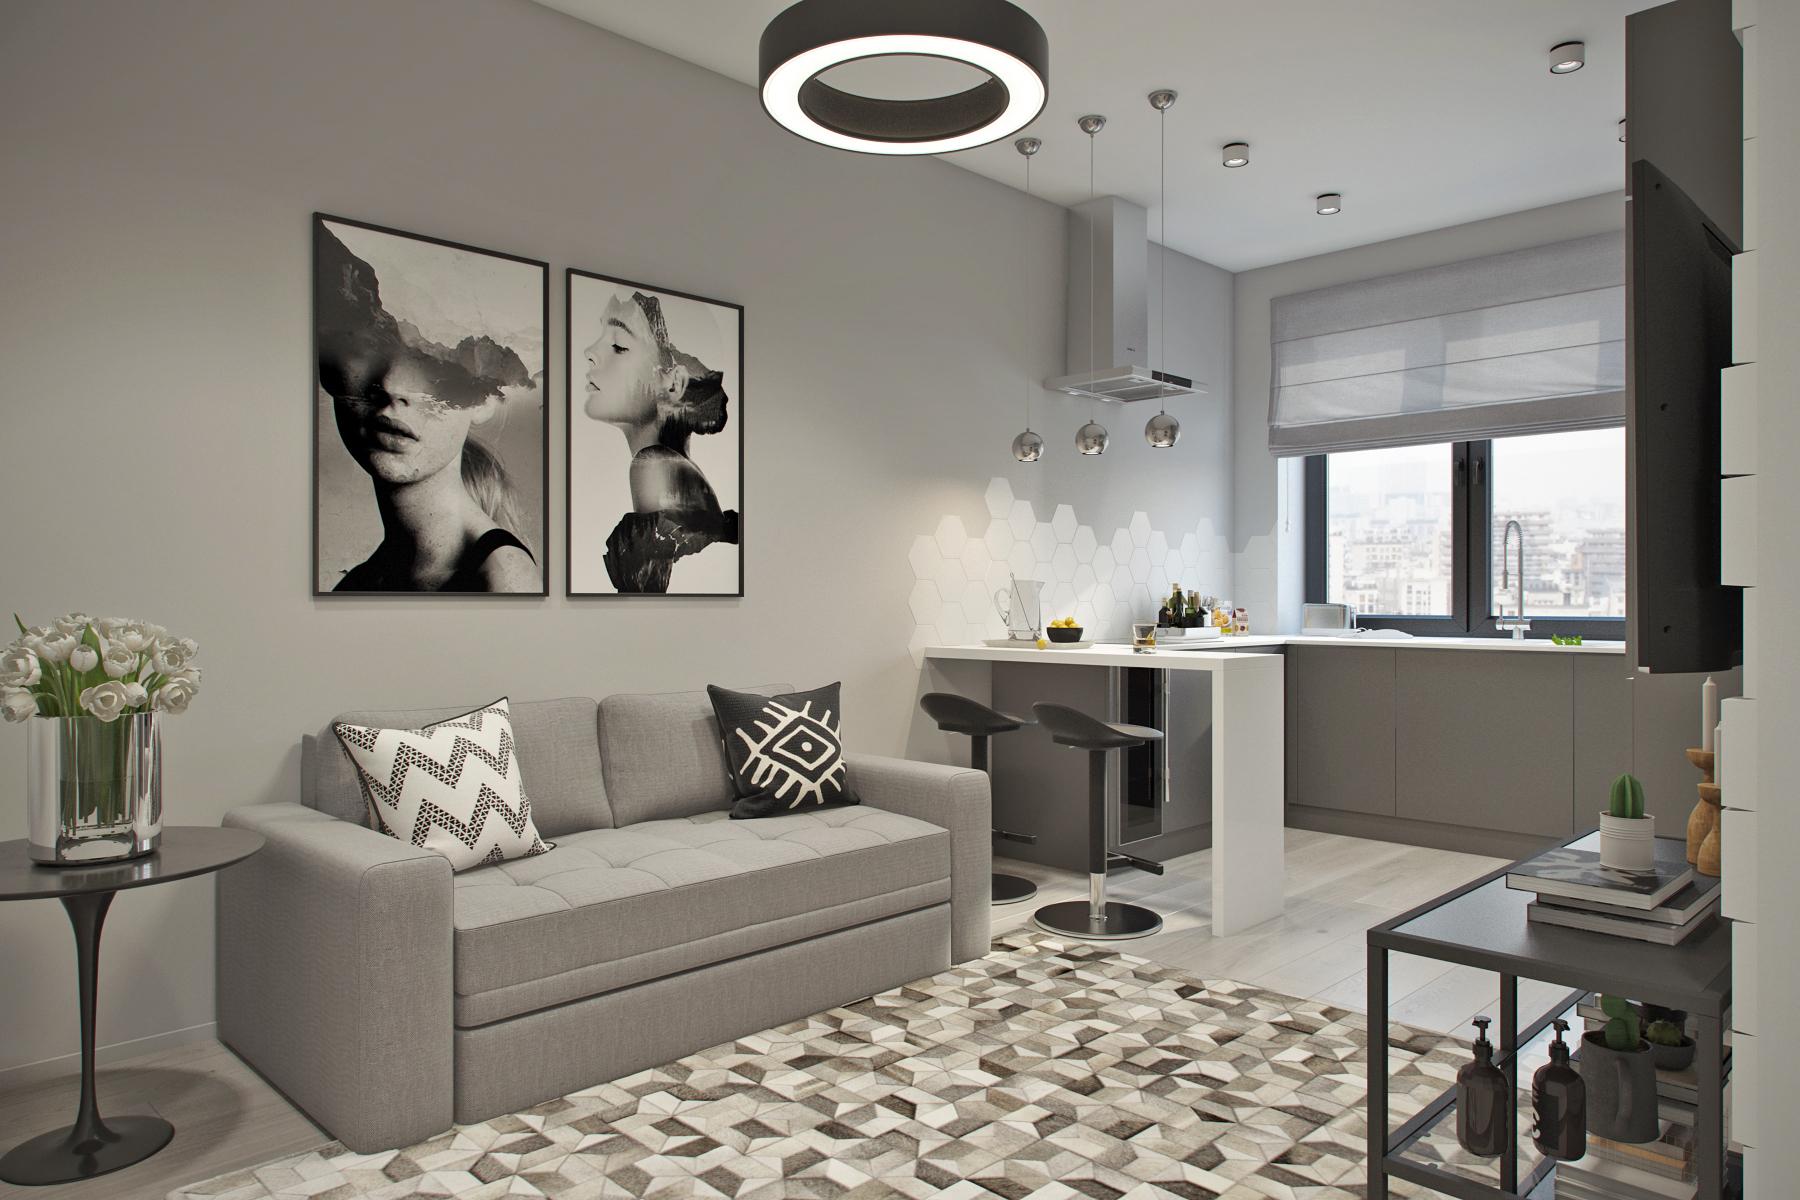 Дизайн-проект квартиры для молодой семьи: как лучше обустроить